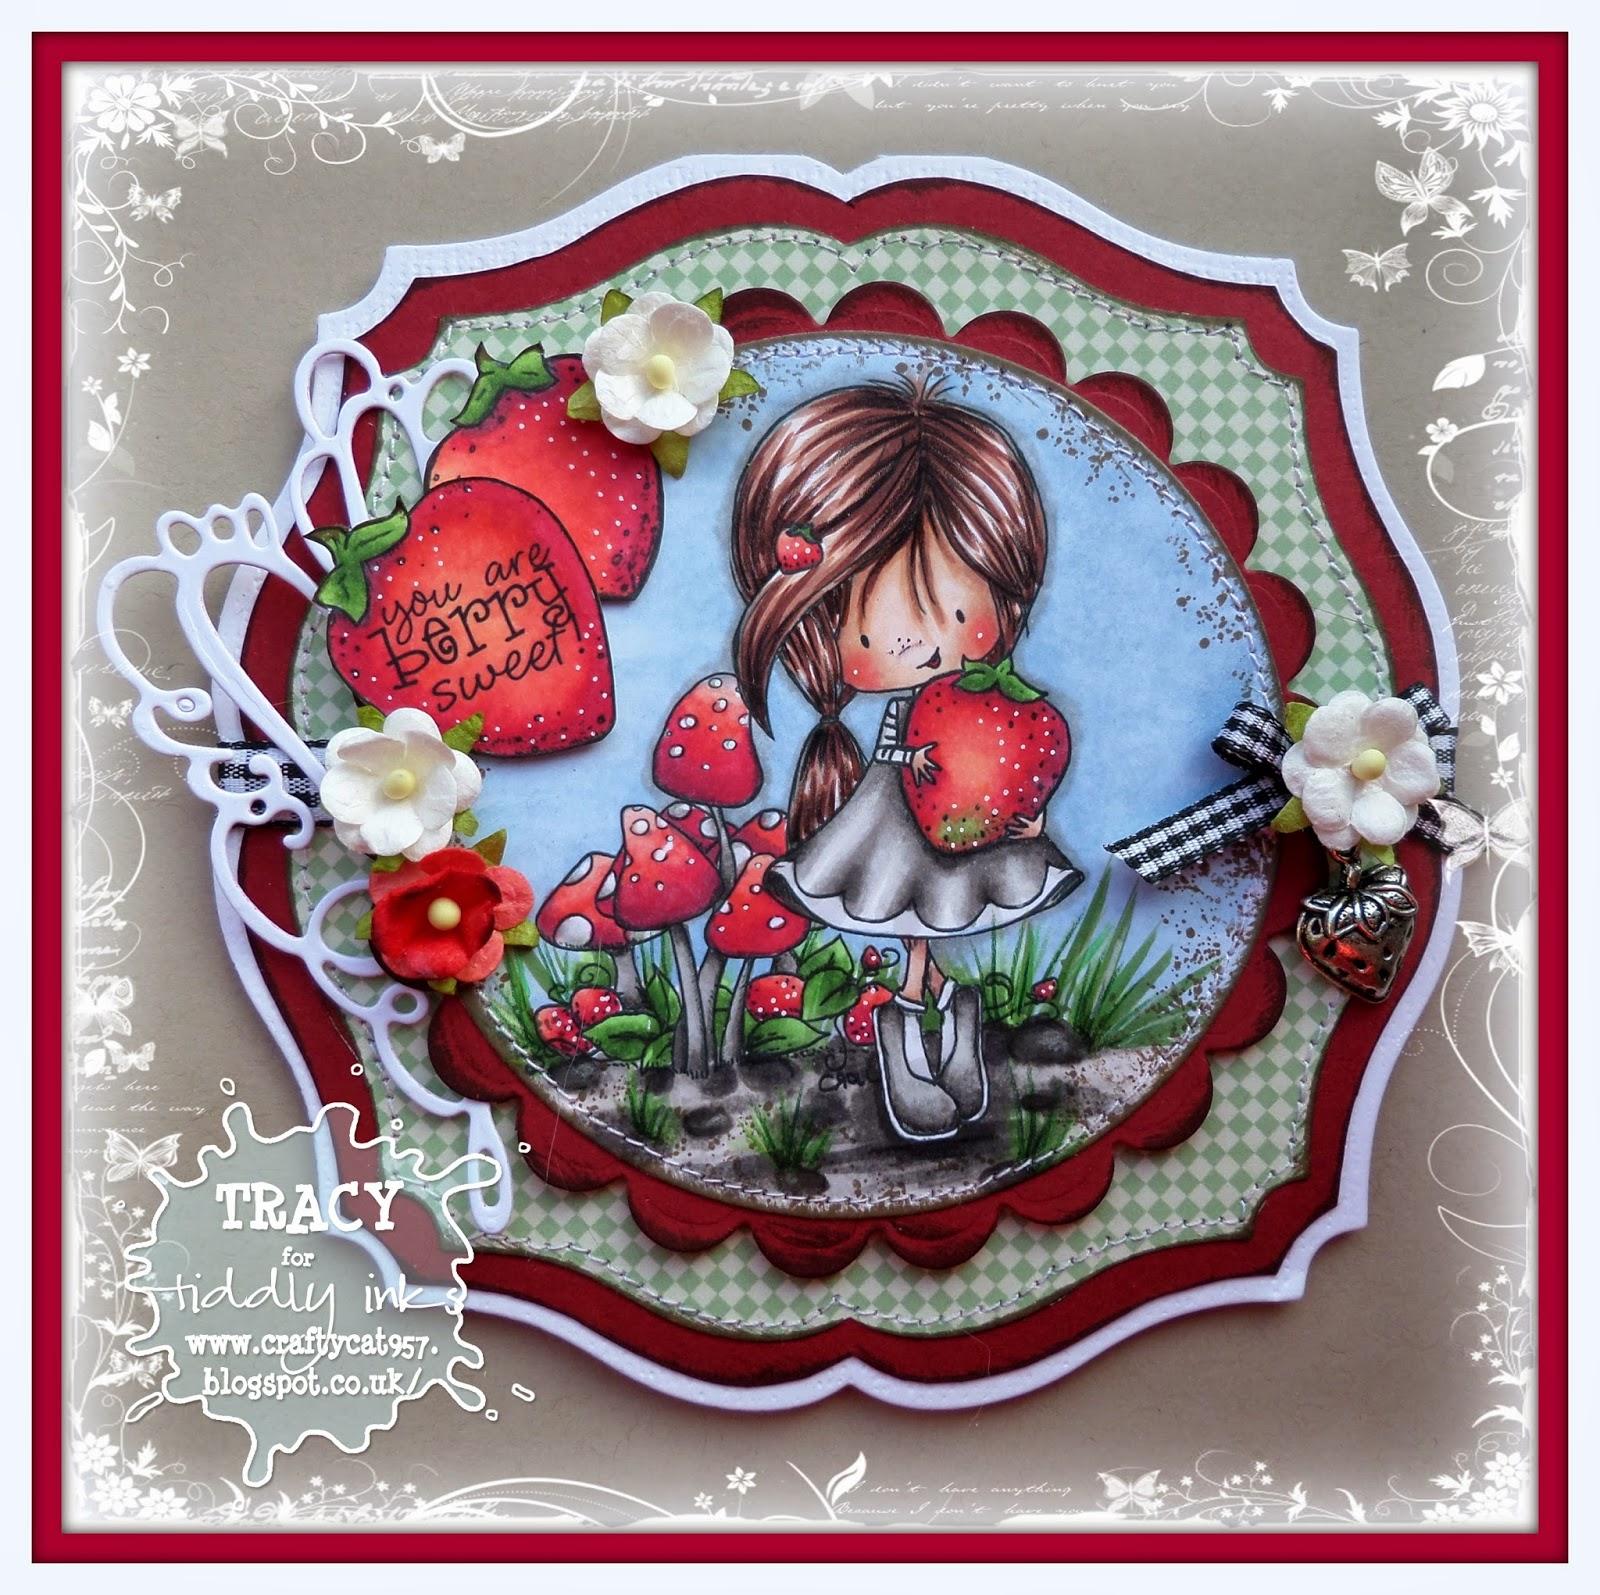 http://1.bp.blogspot.com/-y6okS5jTp0w/VMNdir67STI/AAAAAAAAQYw/mE9F8g0TURk/s1600/card%2B1.jpg